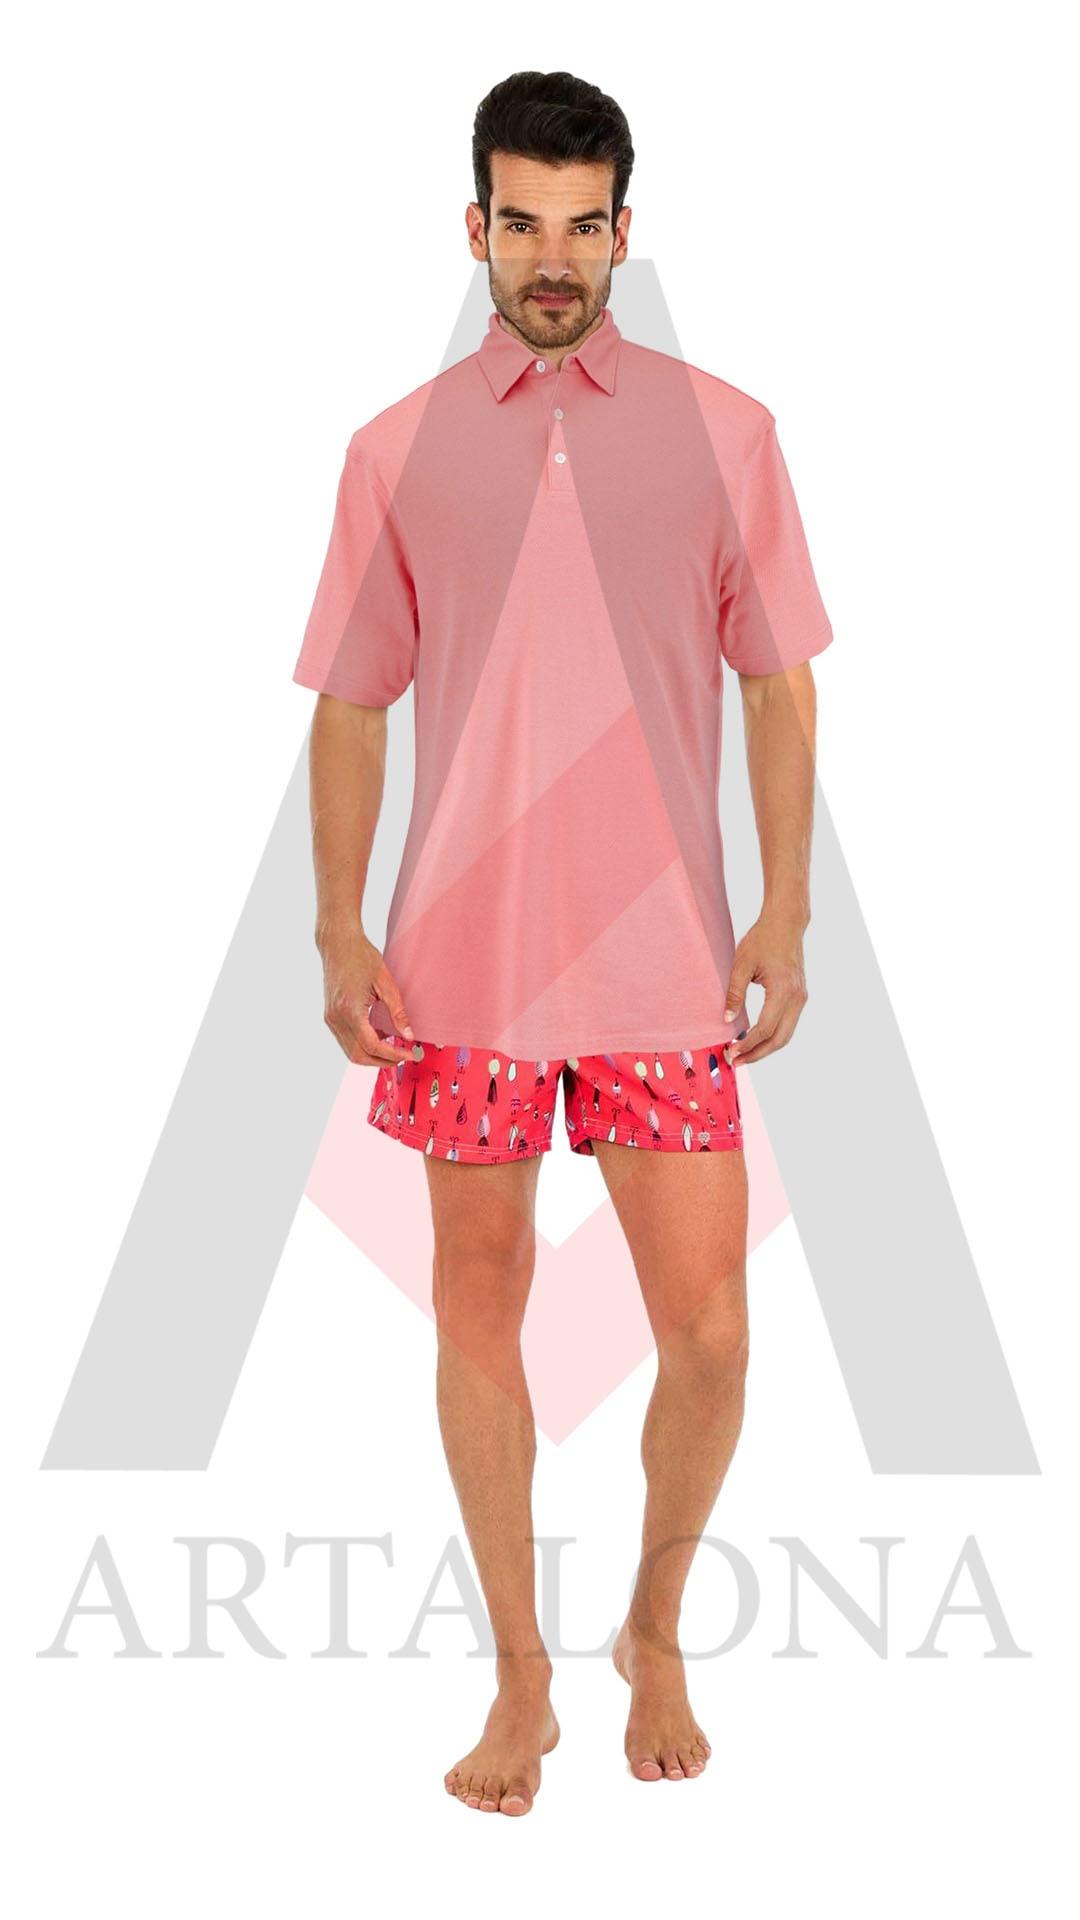 After-Model Dress Adding